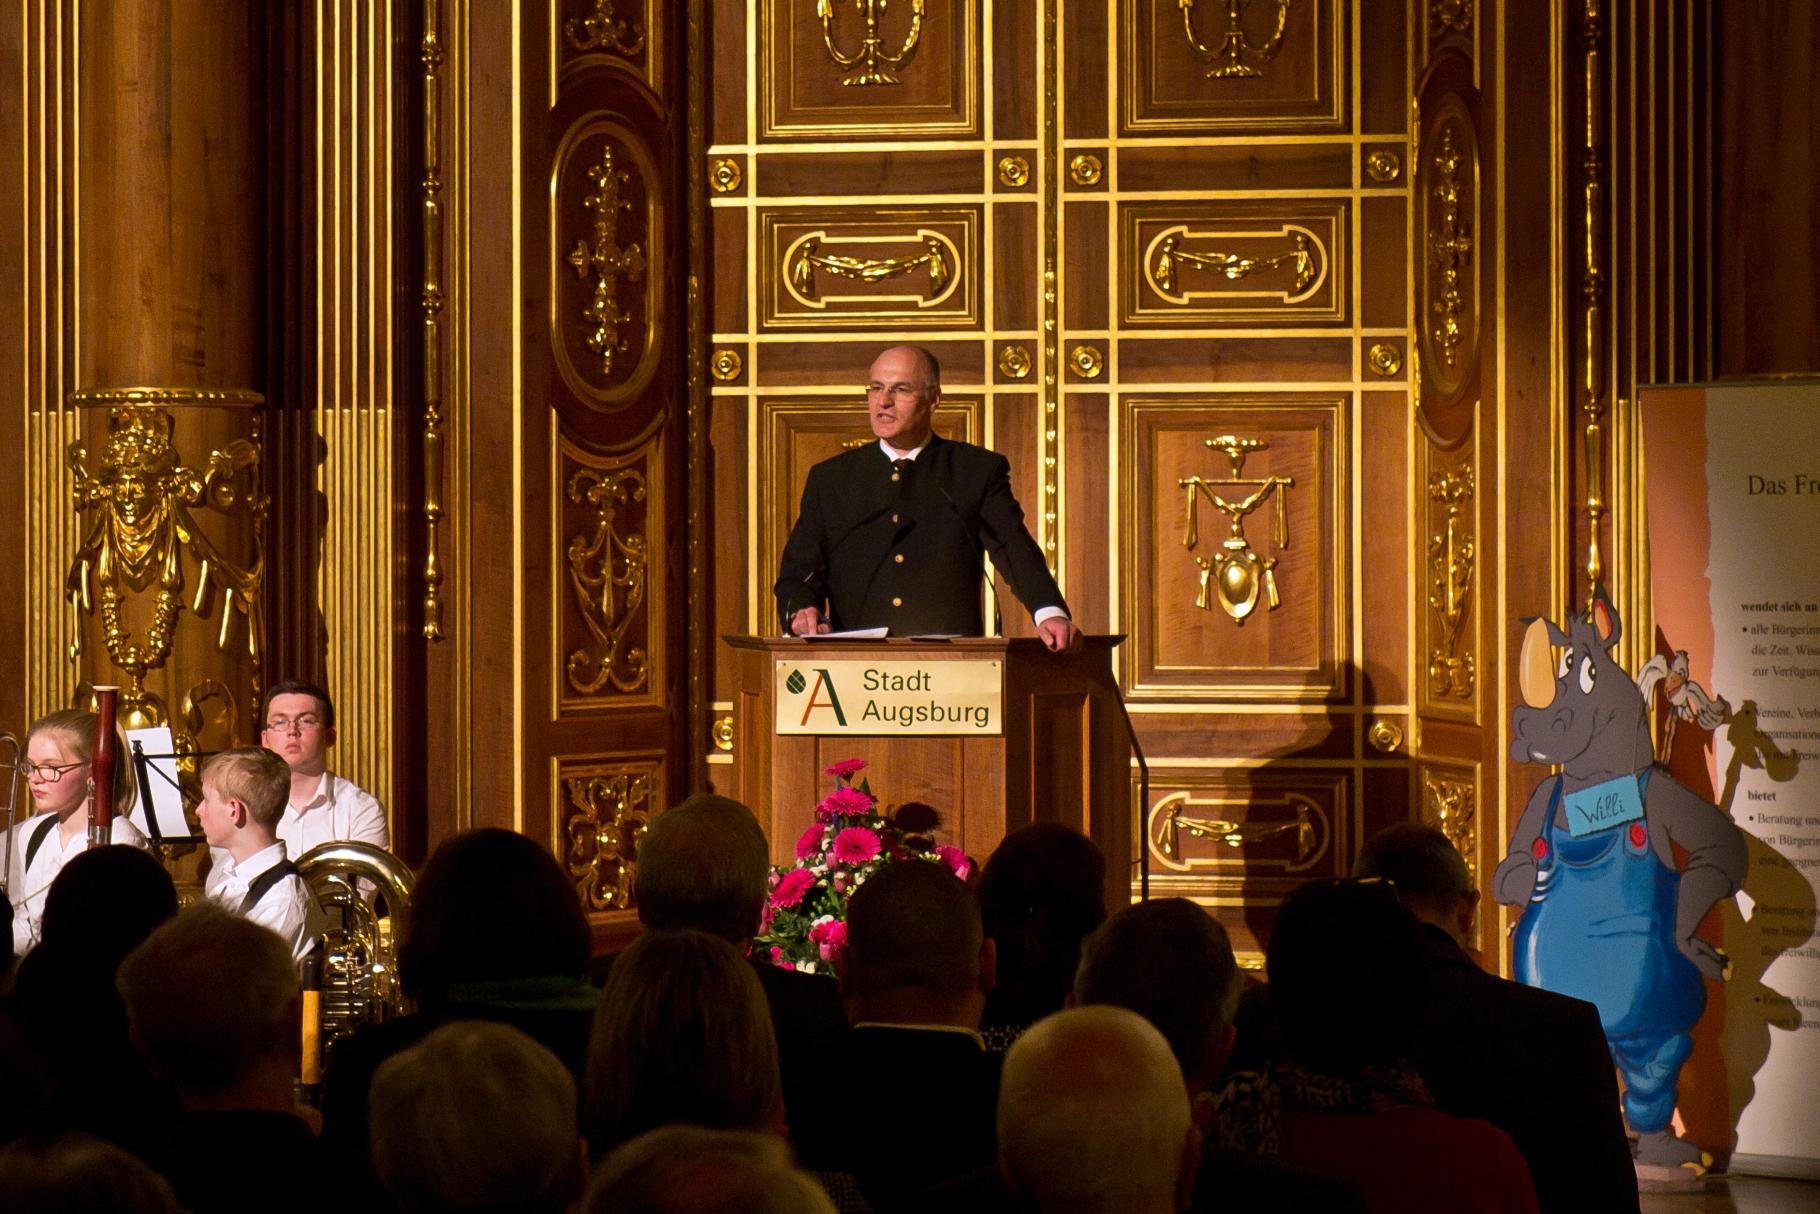 Dr. Kurt Gribl, Oberbürgermeister - Festakt 20 Jahre Freiwilligen-Zentrum Augsburg - 24.03.2017 im Goldenen Saal Rathaus Augsburg - Foto: Robert Hösle